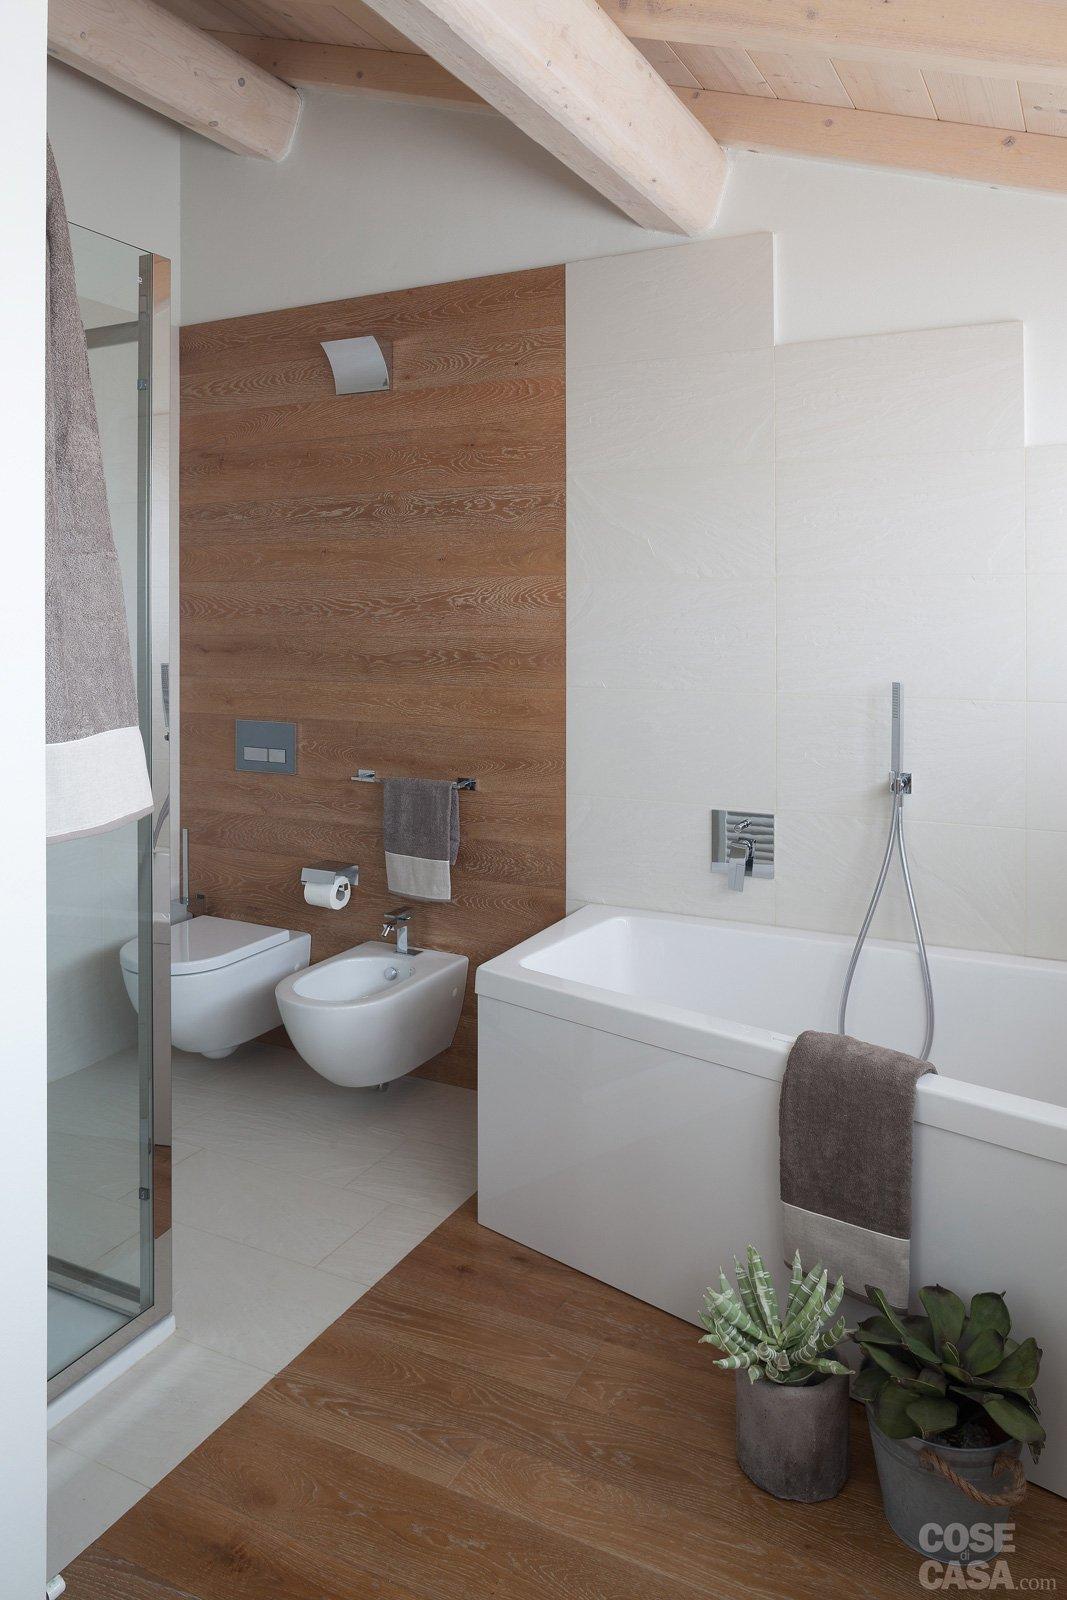 40 105 mq di sottotetto design in contesto d 39 epoca cose di casa - Bagno sottotetto ...